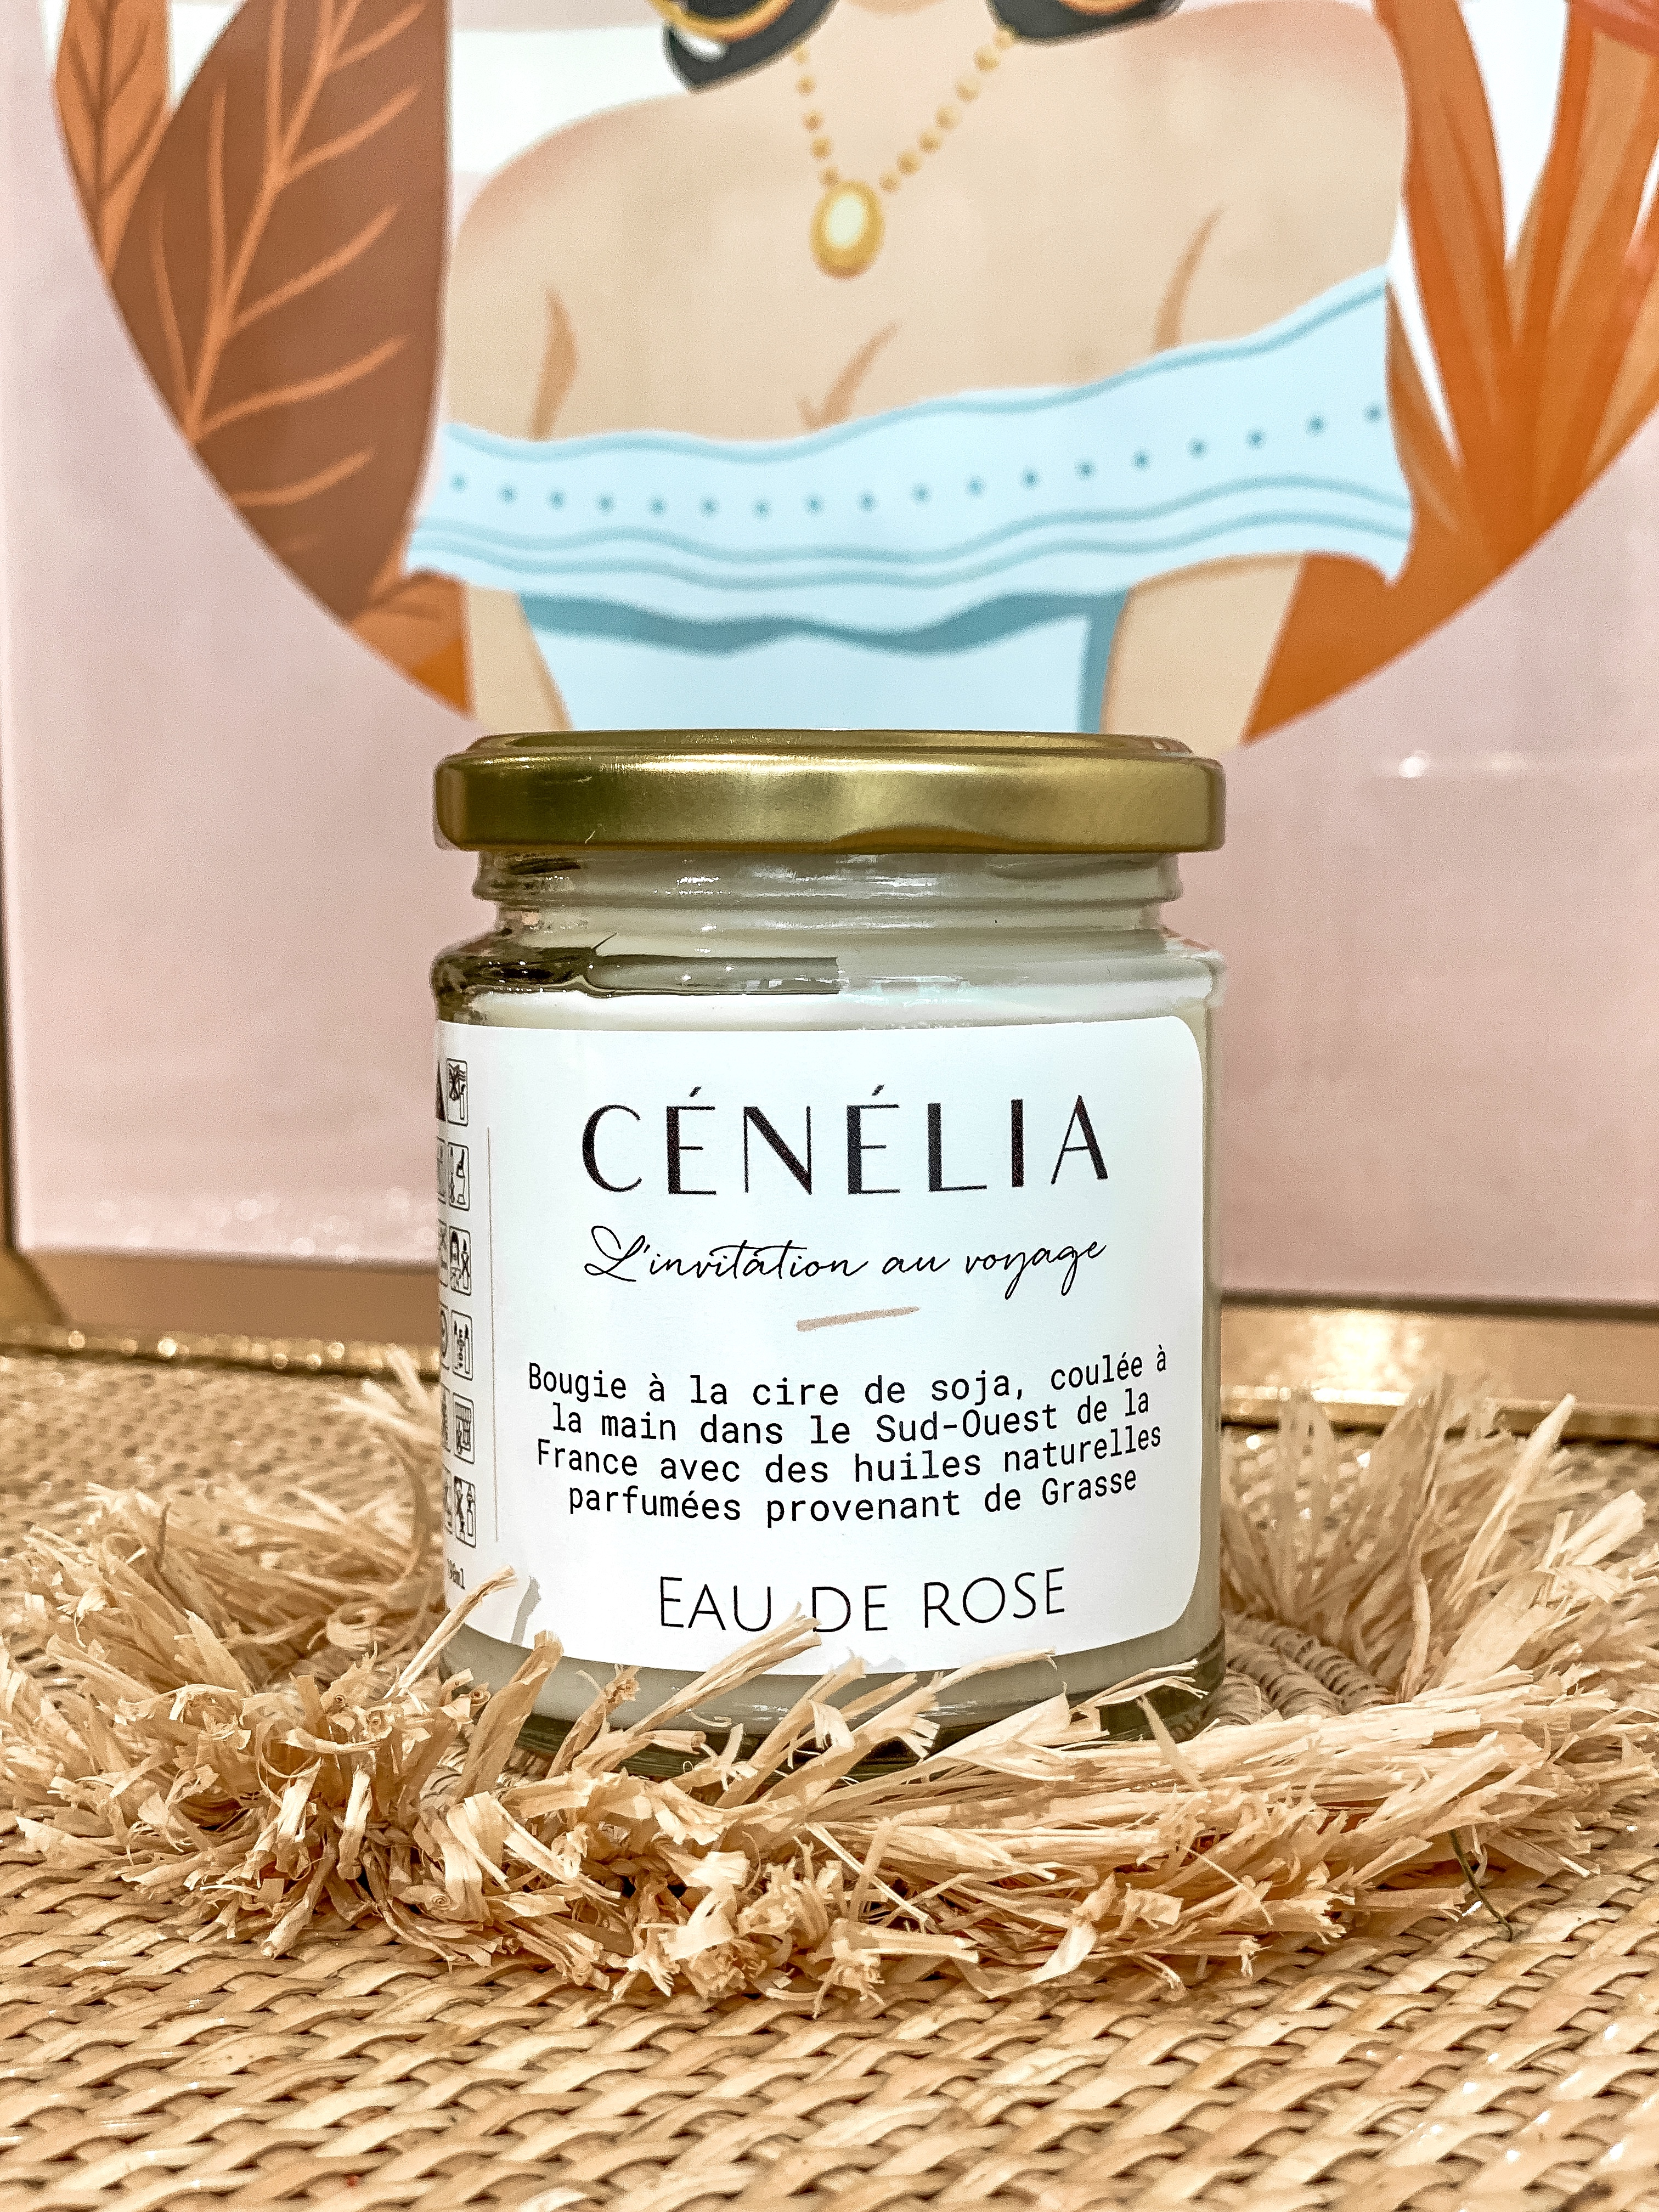 Bougie à la rose Cénélia | bougie naturelle parfumée